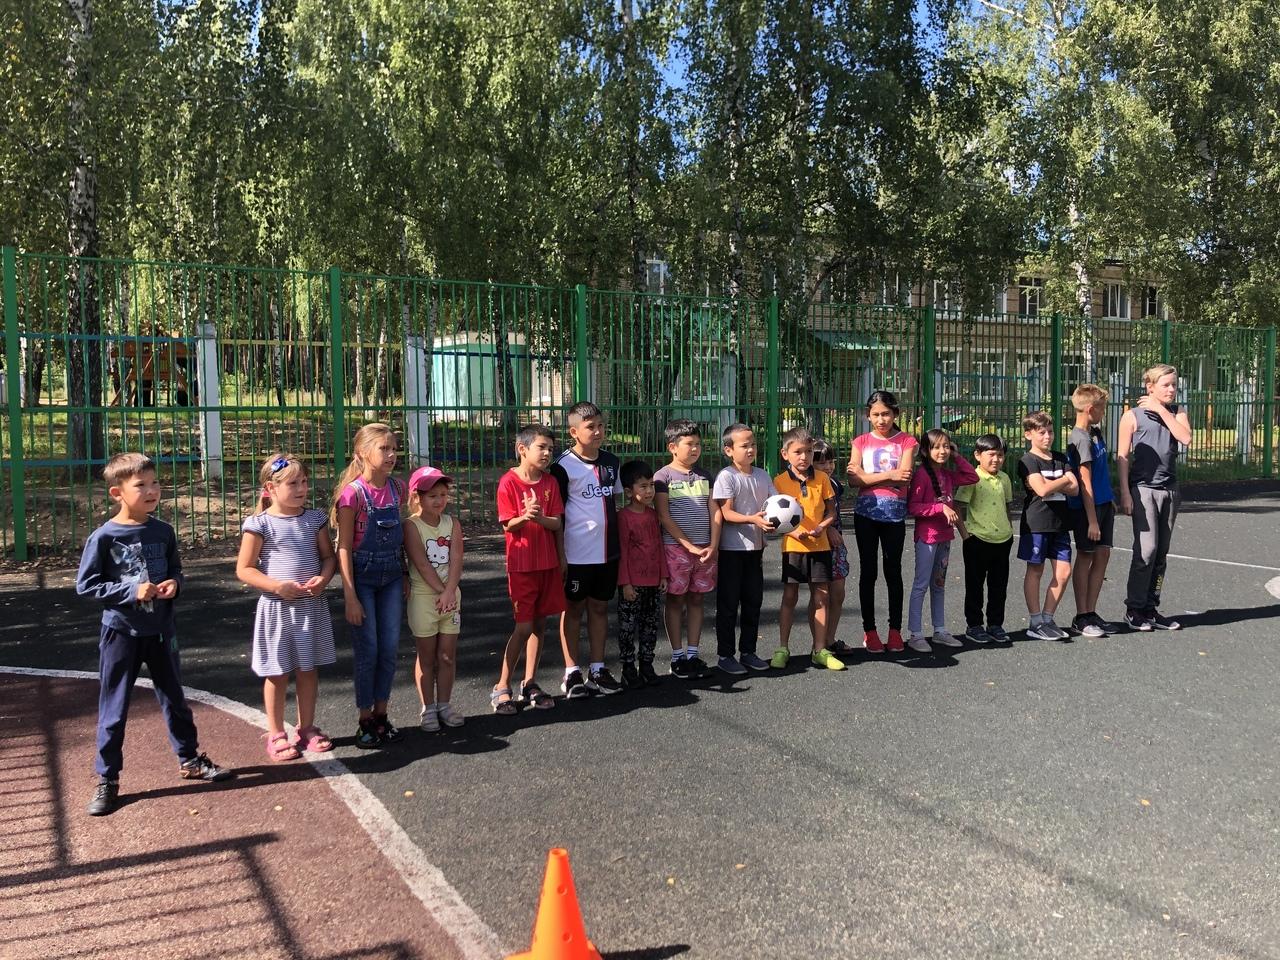 21 августа на многофункциональной спортивной площадке кв. Текстильщики прошло спортивно-массовое мероприятие «Весёлые старты» для детей.